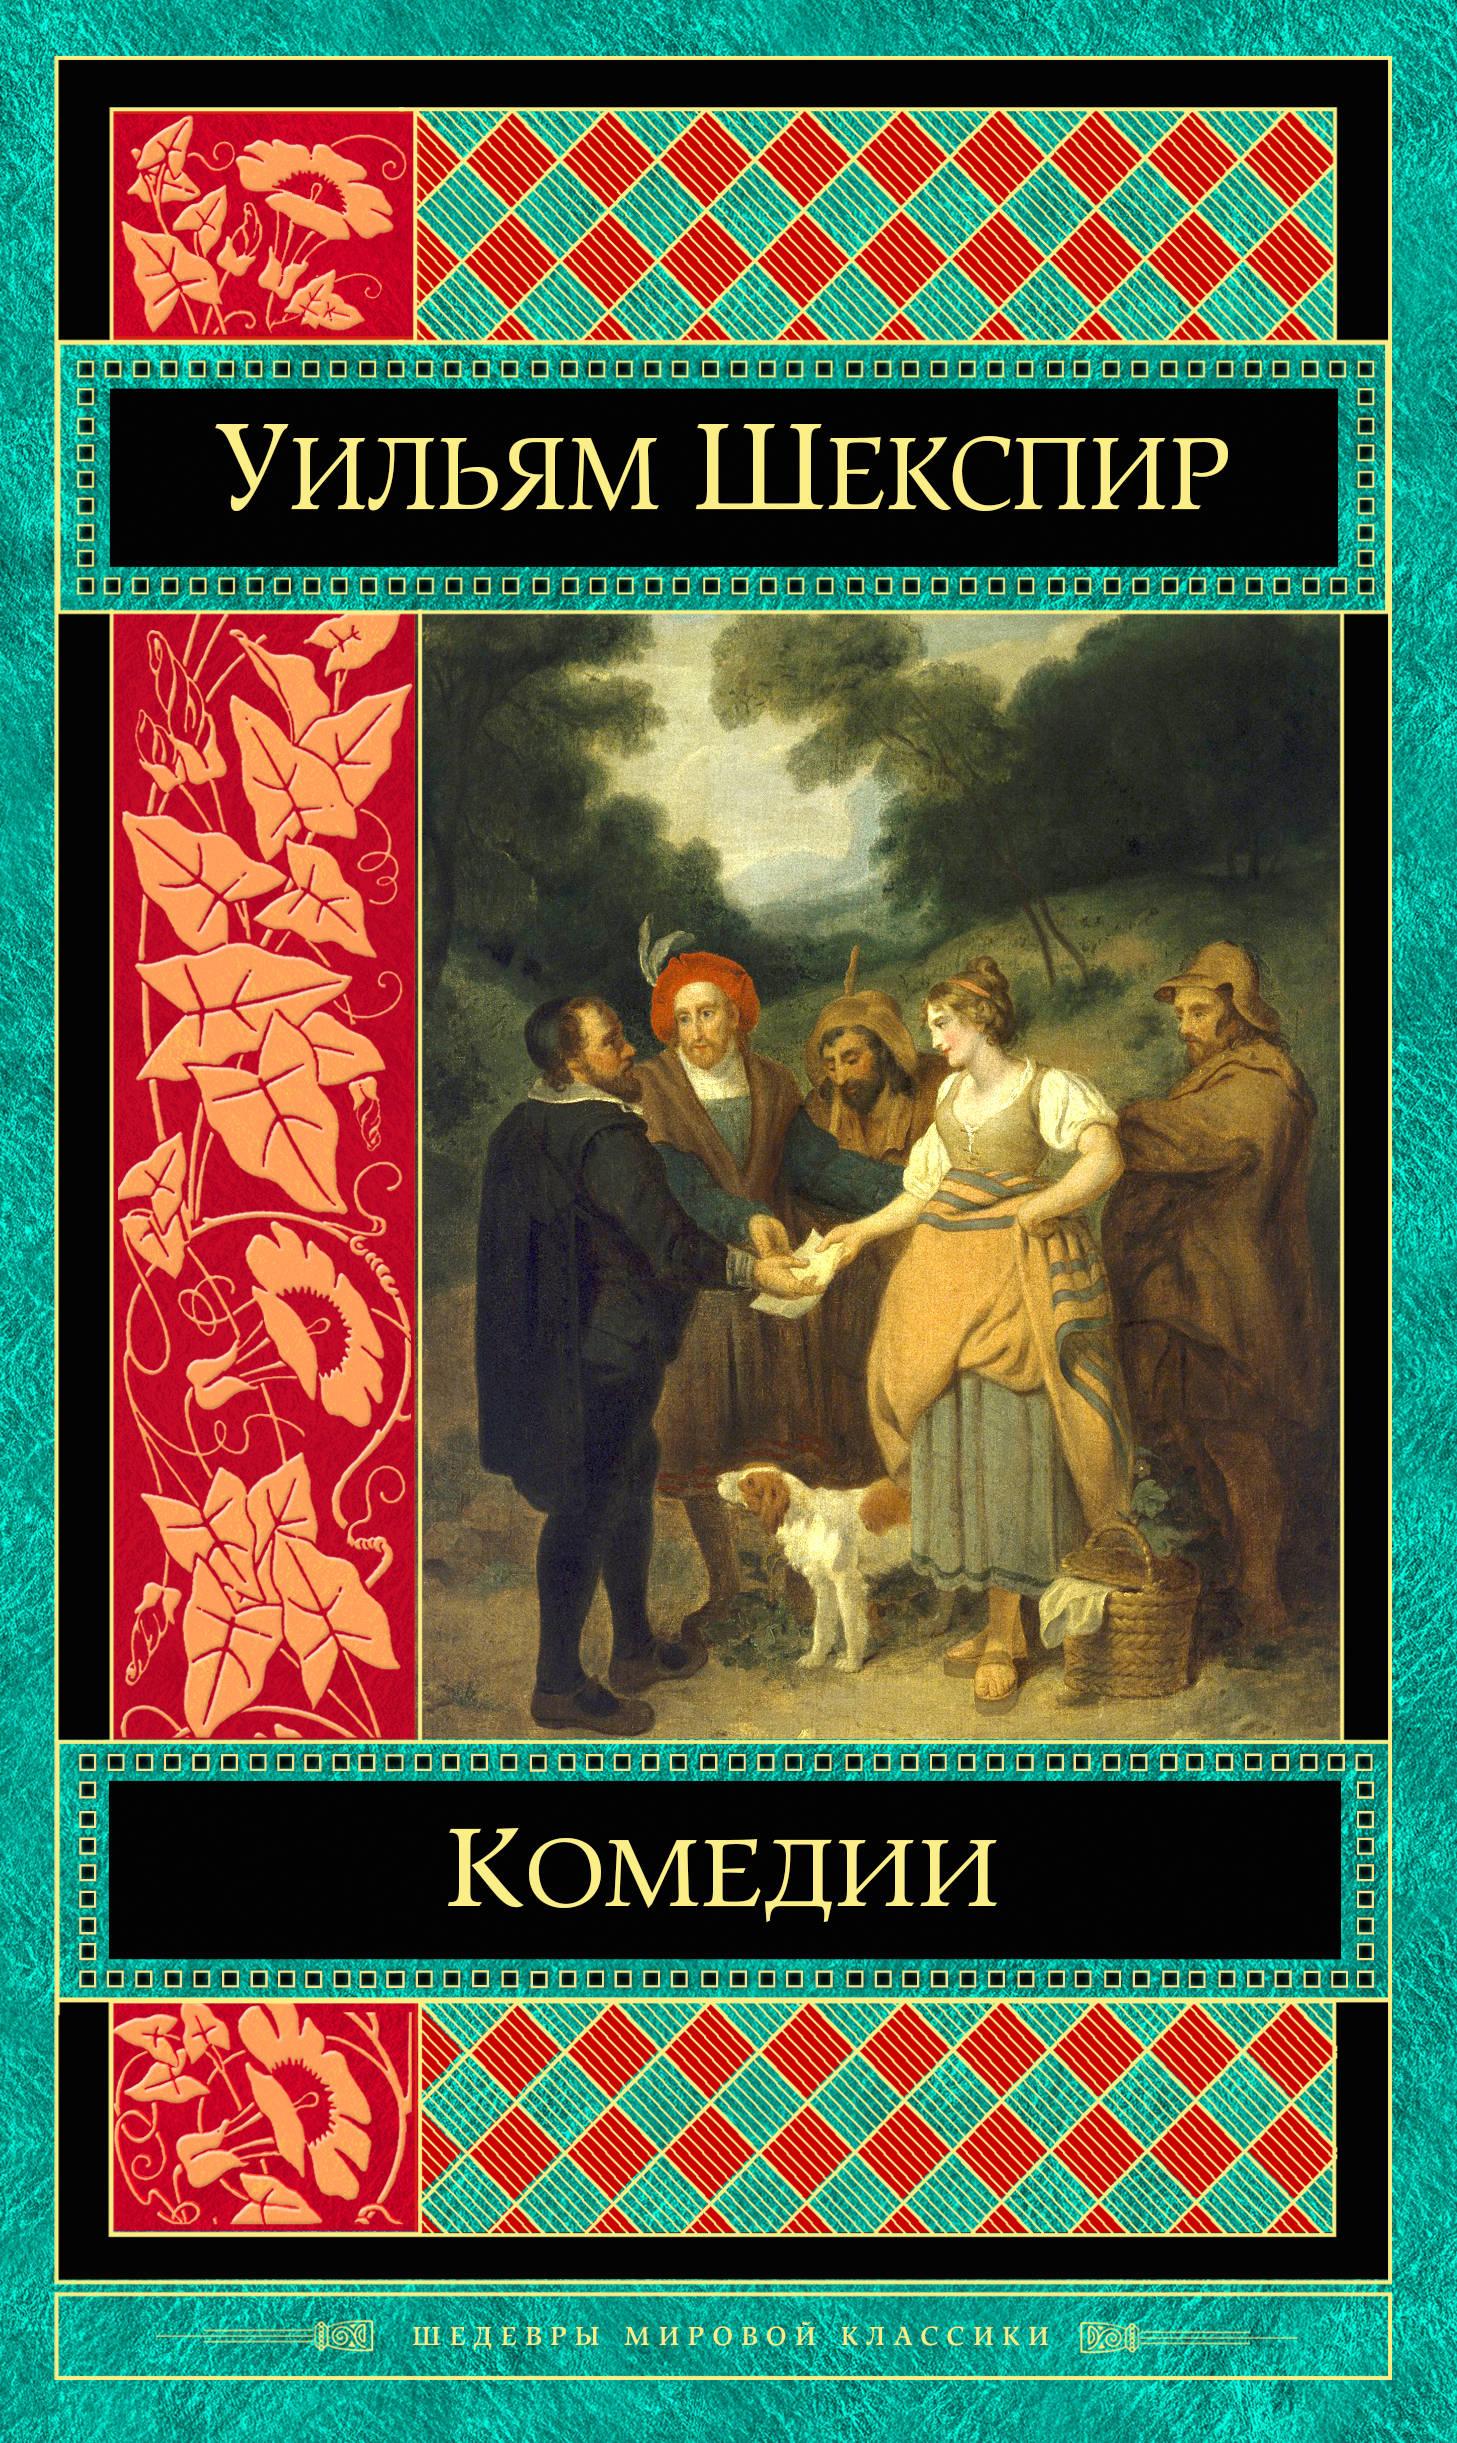 Уильям Шекспир Уильям Шекспир. Комедии метлицкая мария пустые хлопоты